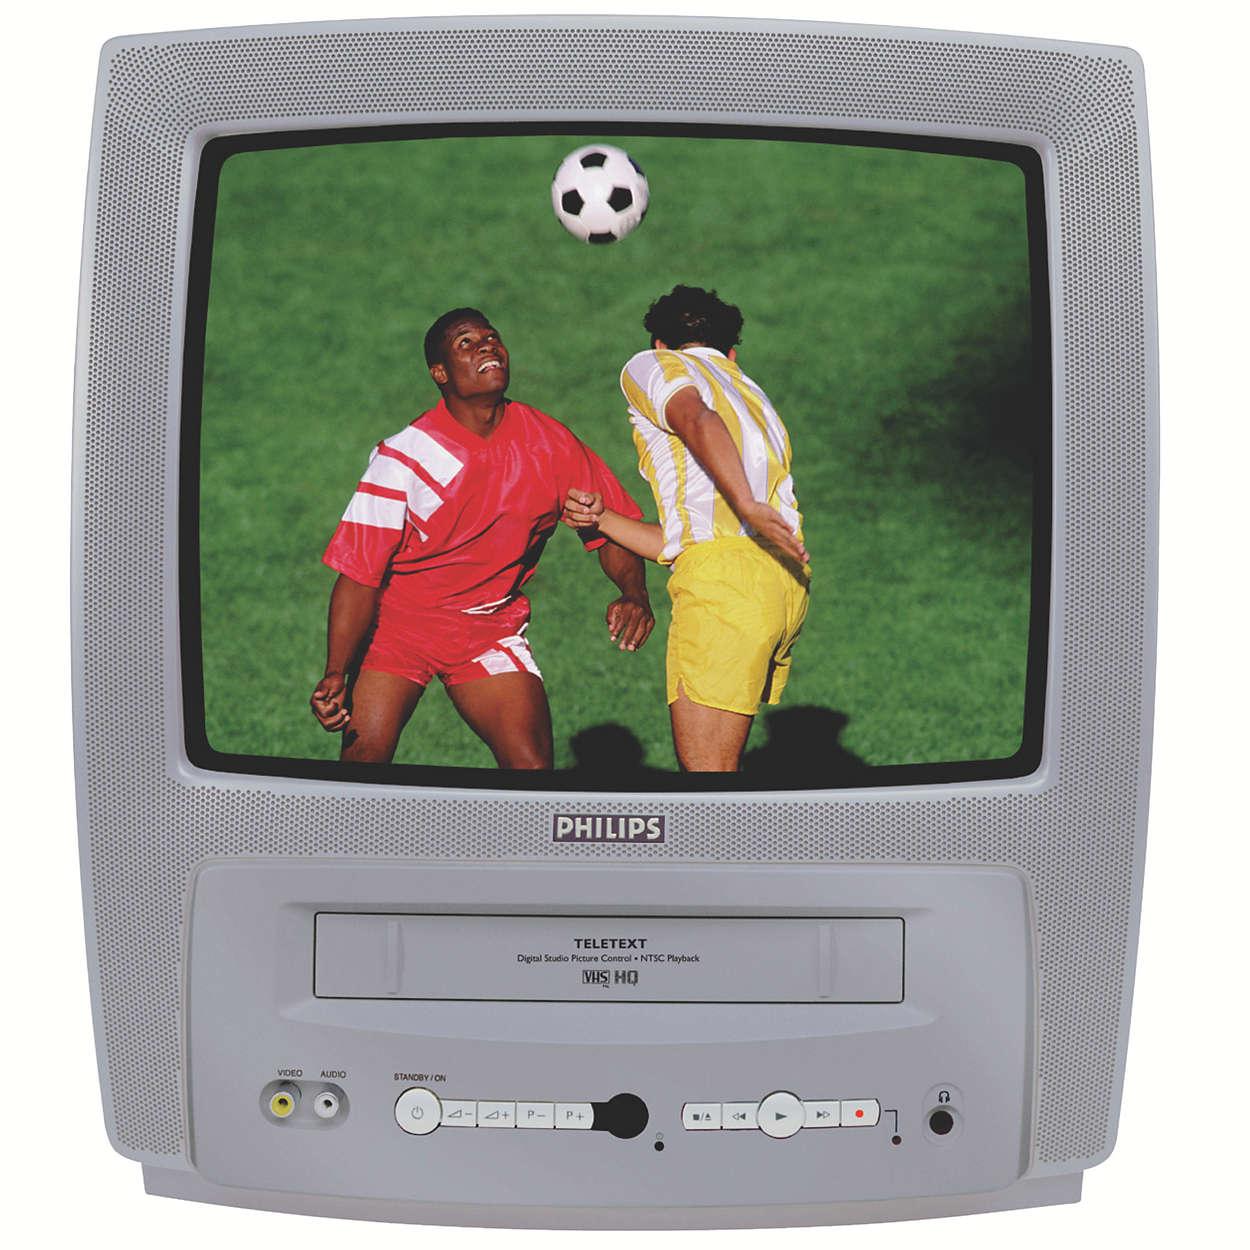 Um Combi TV - Videogravador compacto com Teletexto